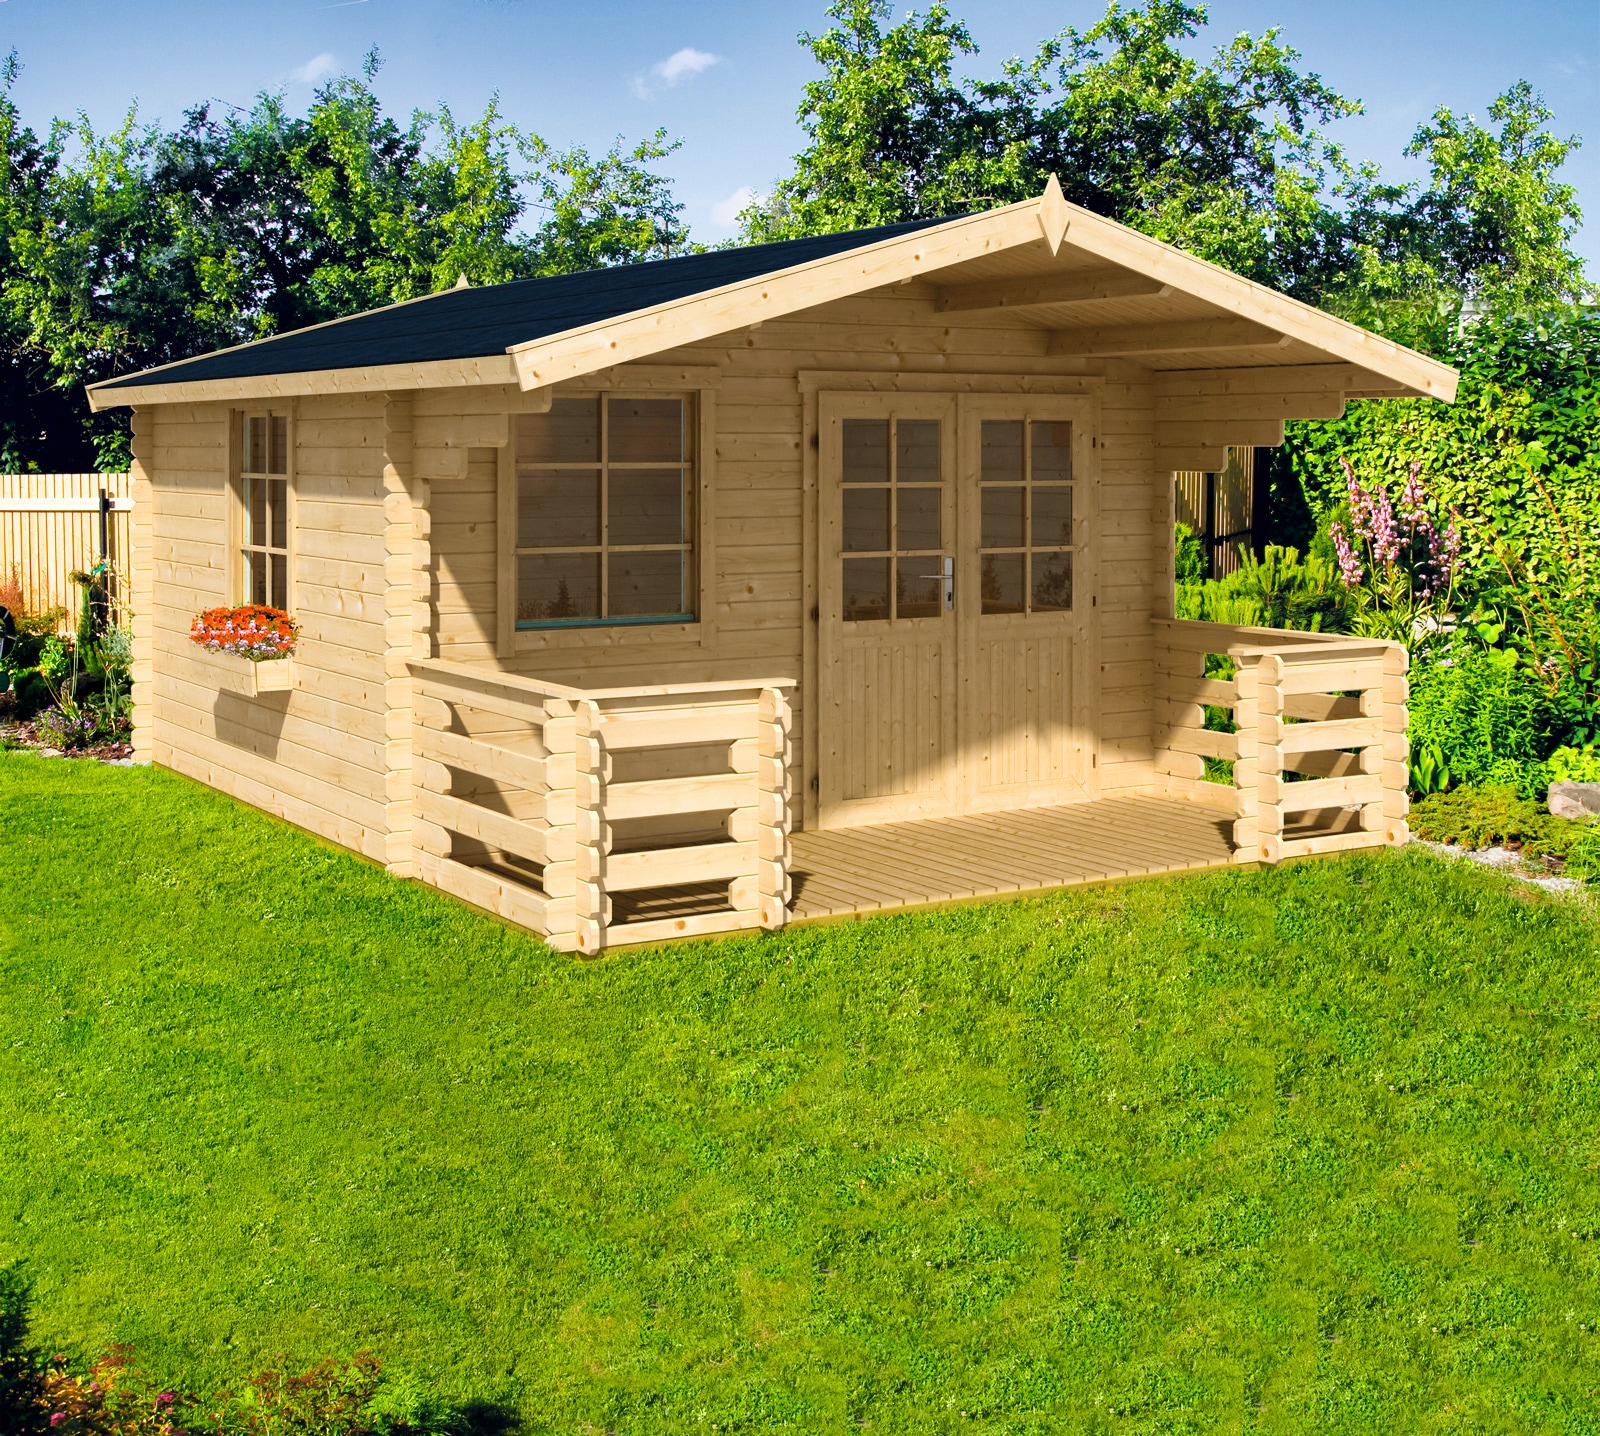 NORDIC HOLZ Set: Gartenhaus »Klingenberg 2«, BxT: 404x520 cm, mit Terrasse,  Fußboden, Blumenkasten auf Rechnung | BAUR